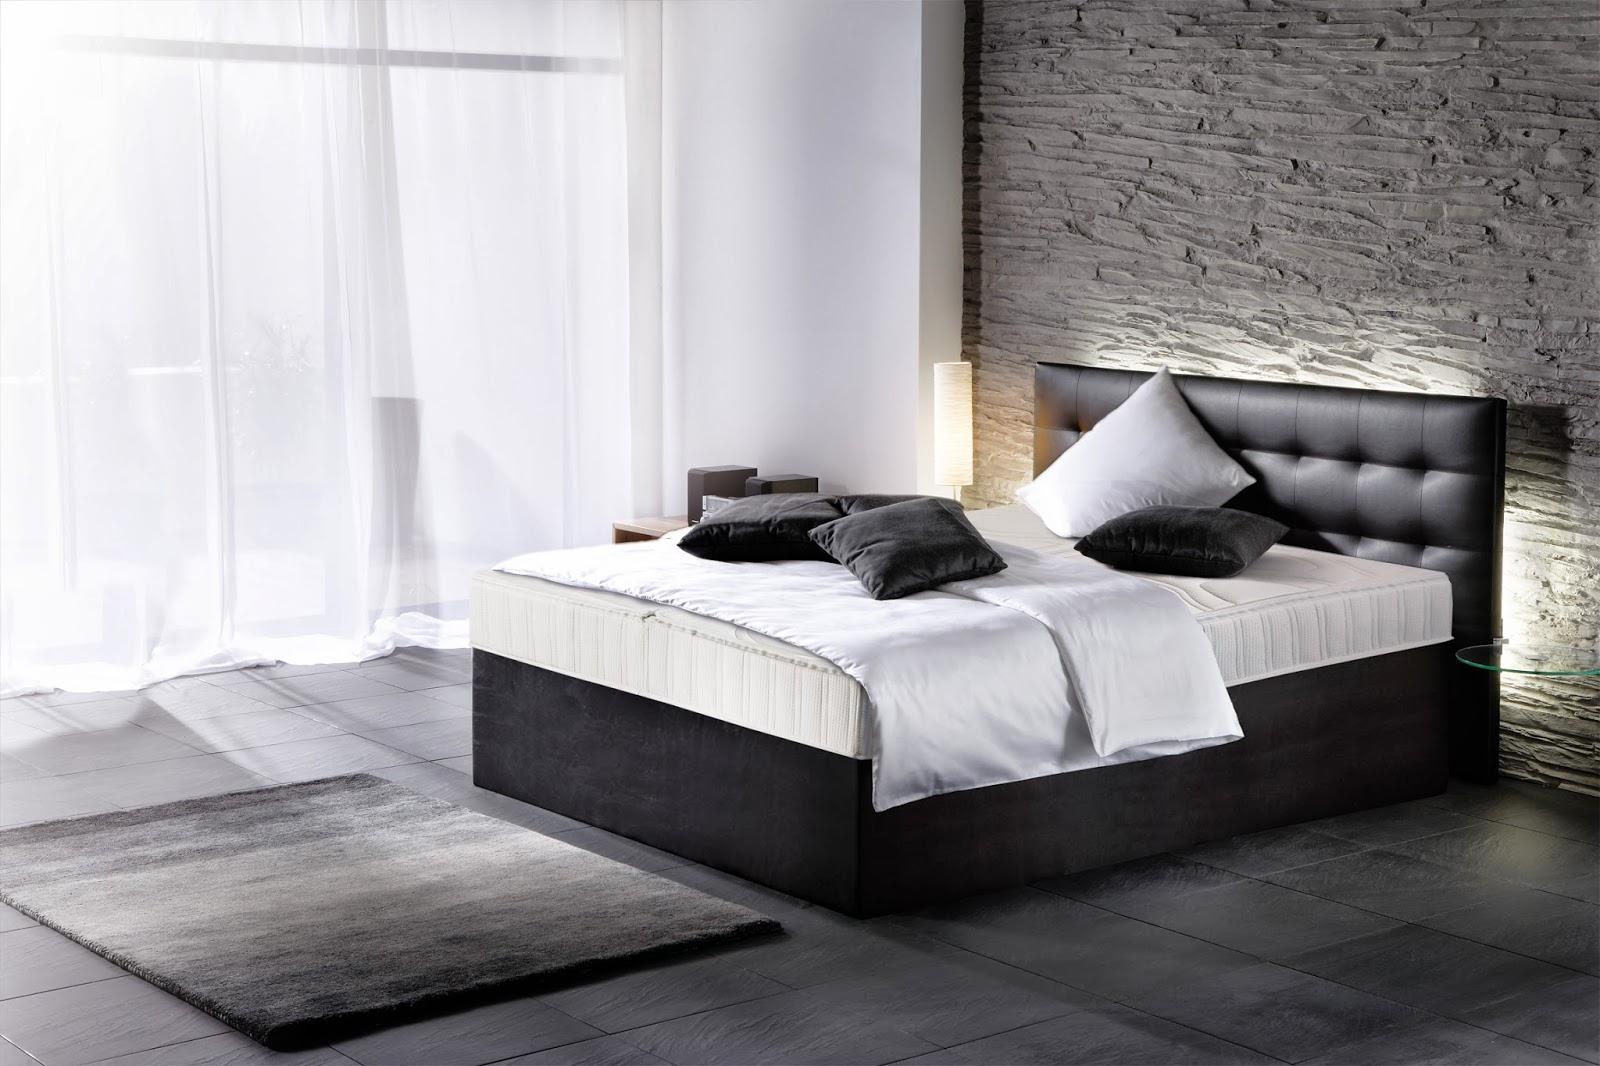 mimmi s teststrecke boxspringbetten vs wasserbetten. Black Bedroom Furniture Sets. Home Design Ideas